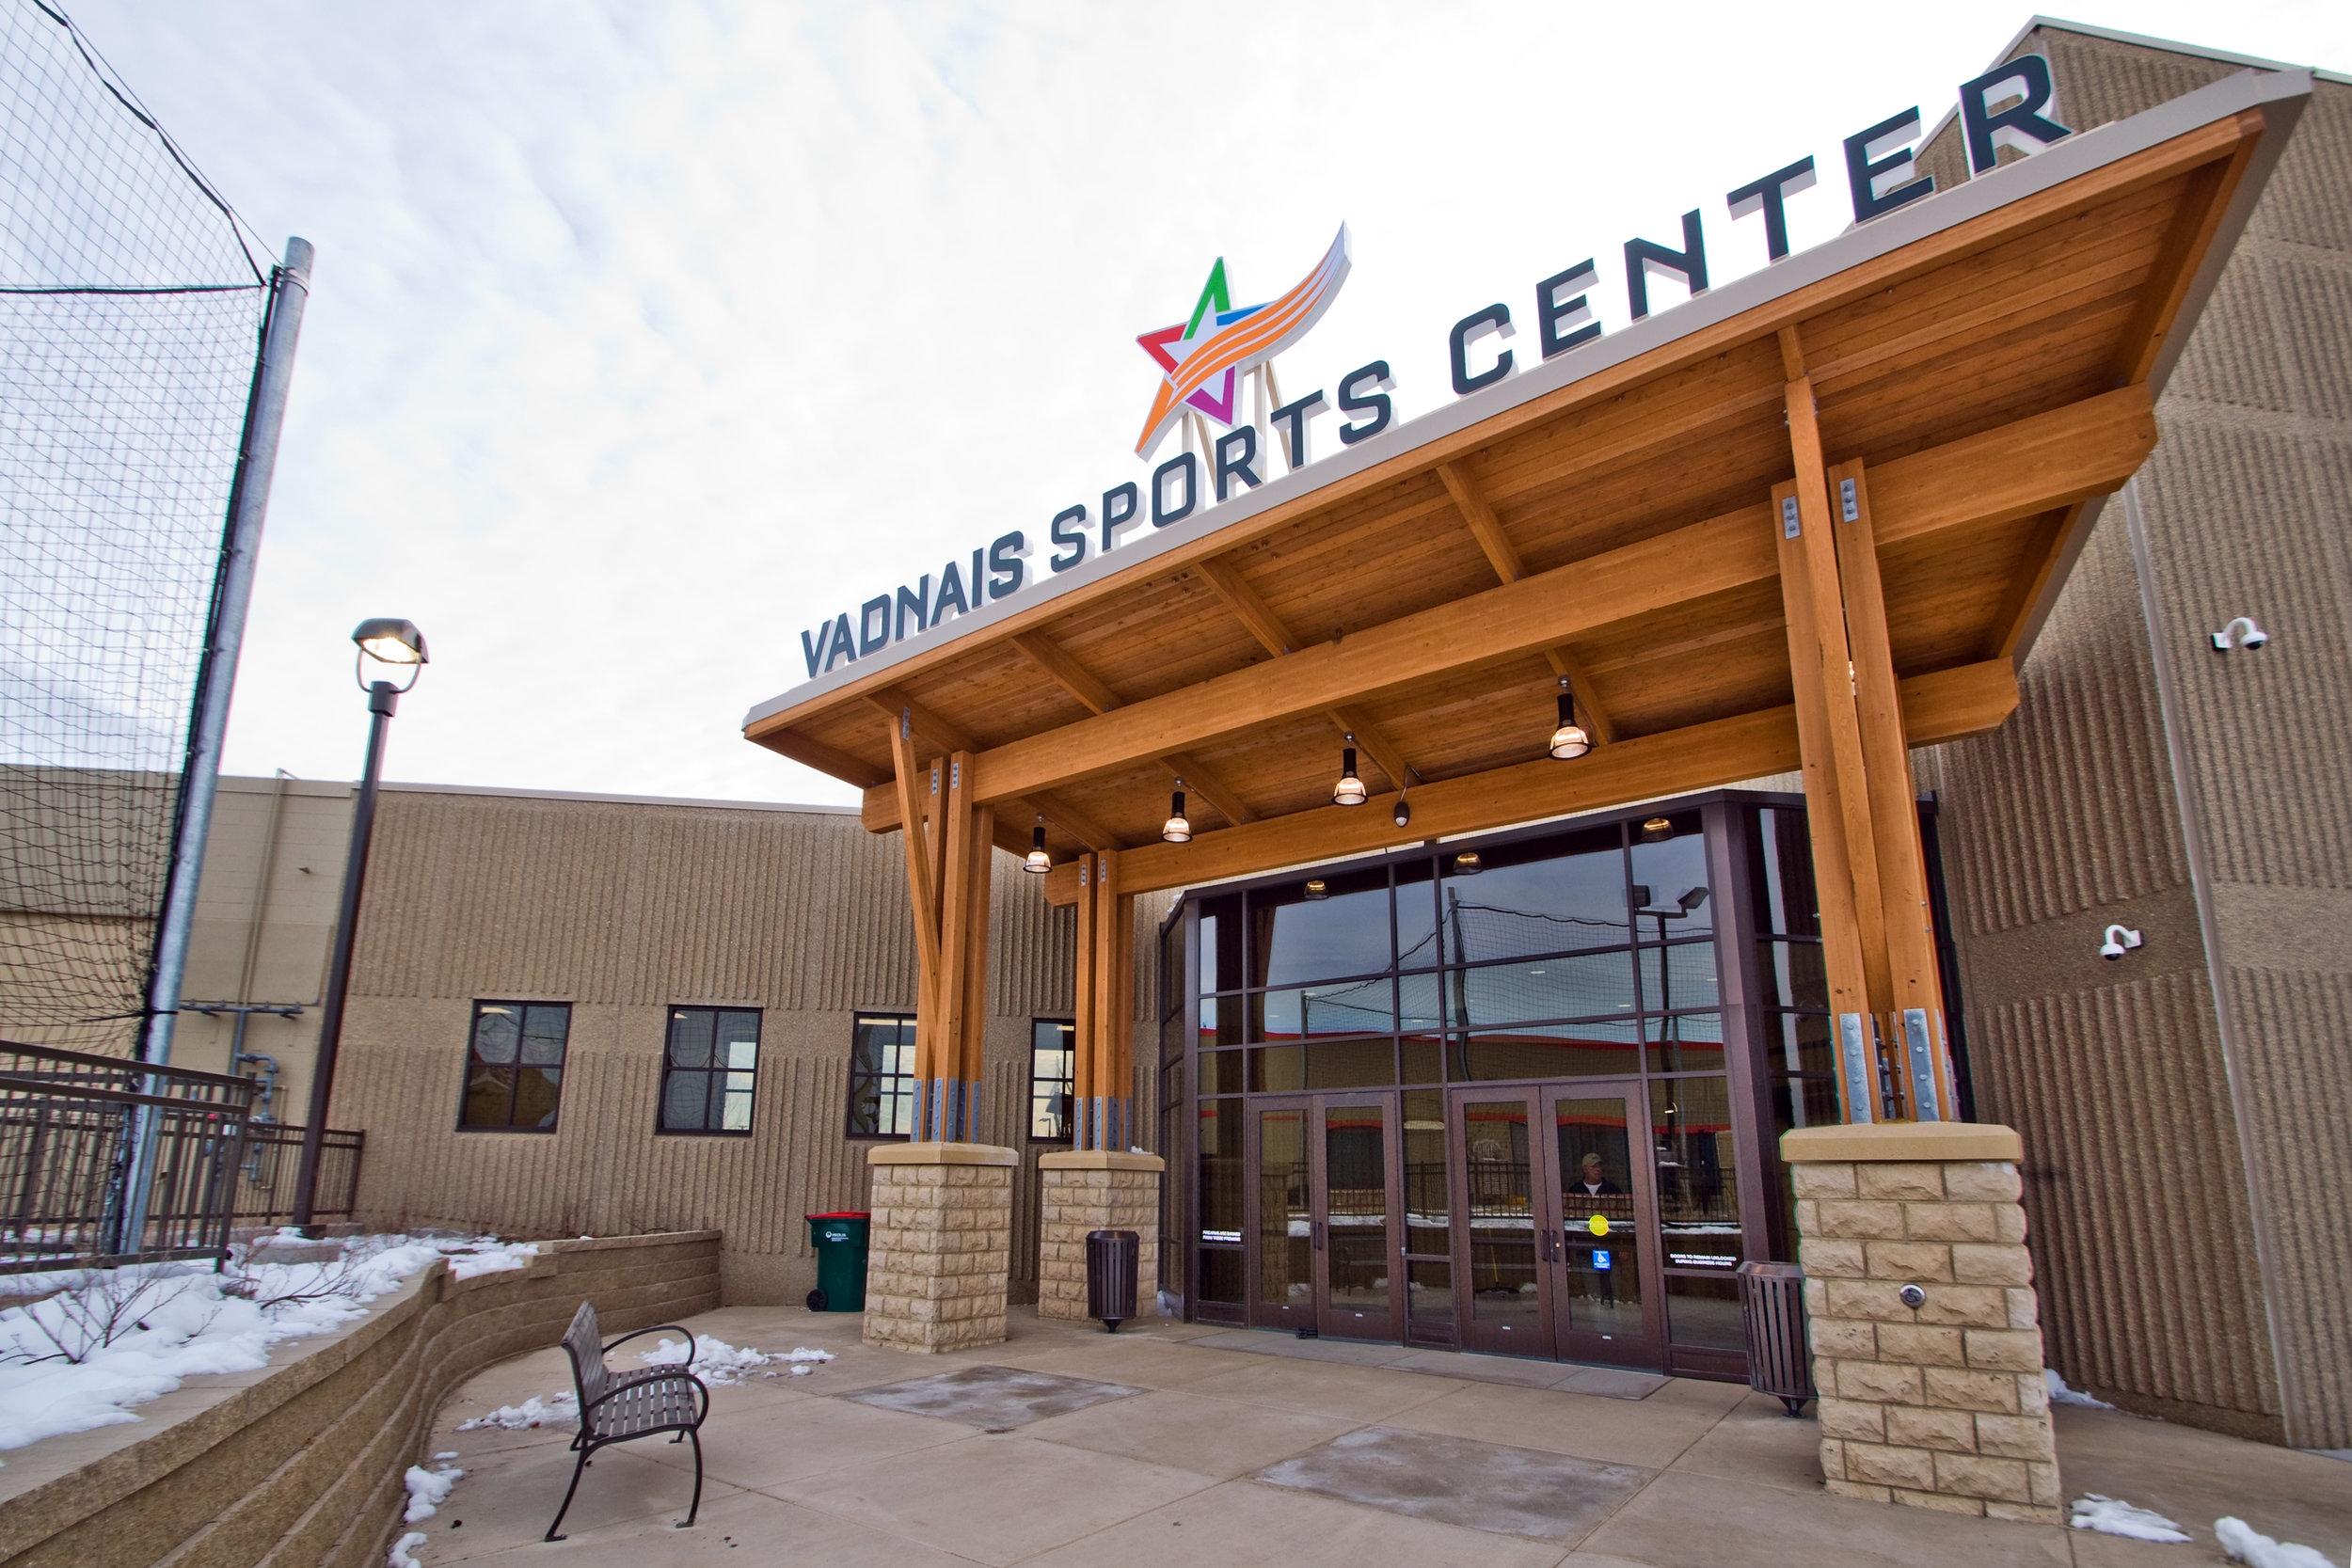 Vadnais Heights Sports Center 112.jpg